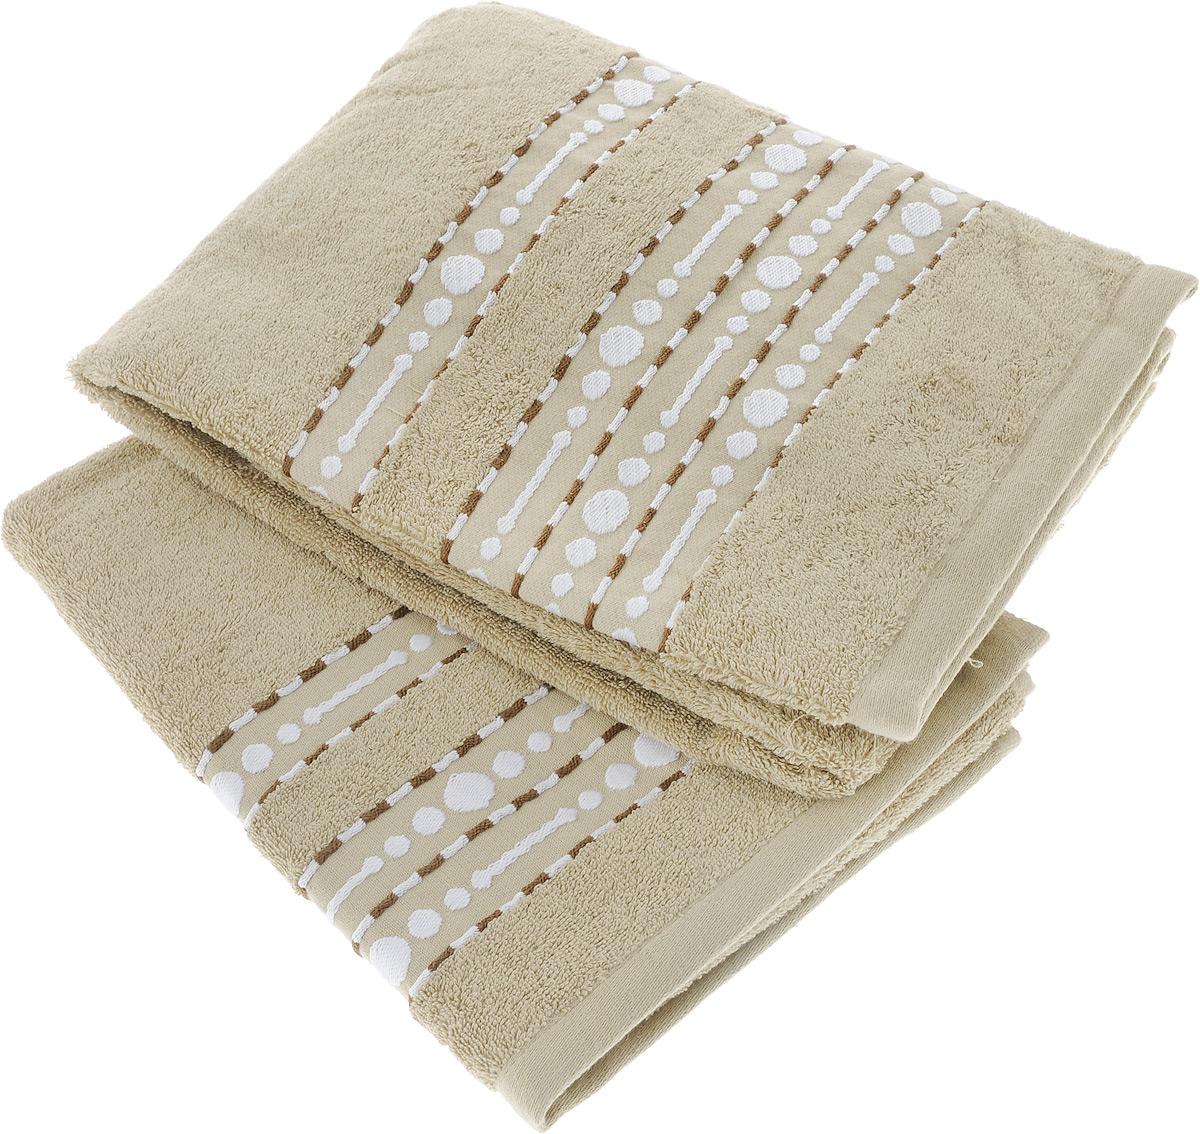 Набор махровых полотенец Toalla Волна, цвет: бежевый, 2 шт92717431Набор Toalla Волна состоит из 2 прямоугольных махровых полотенец, выполненных из 100% хлопка. Ткань полотенец обладает высокой плотностью и мягкостью, отличается высоким качеством и длительным сроком службы. В процессе эксплуатации материал становится только мягче и приятней на ощупь. Египетский хлопок не содержит линта (хлопковый пух), поэтому на ткани не образуются катышки даже после многократных стирок и длительного использования. Сверхдлинные волокна придают ткани характерный красивый блеск. Полотенца отлично впитывают влагу и быстро сохнут. Такой набор красиво дополнит интерьер ванной комнаты и станет практичным приобретением. Полотенца оформлены изящным вышитым бордюром.